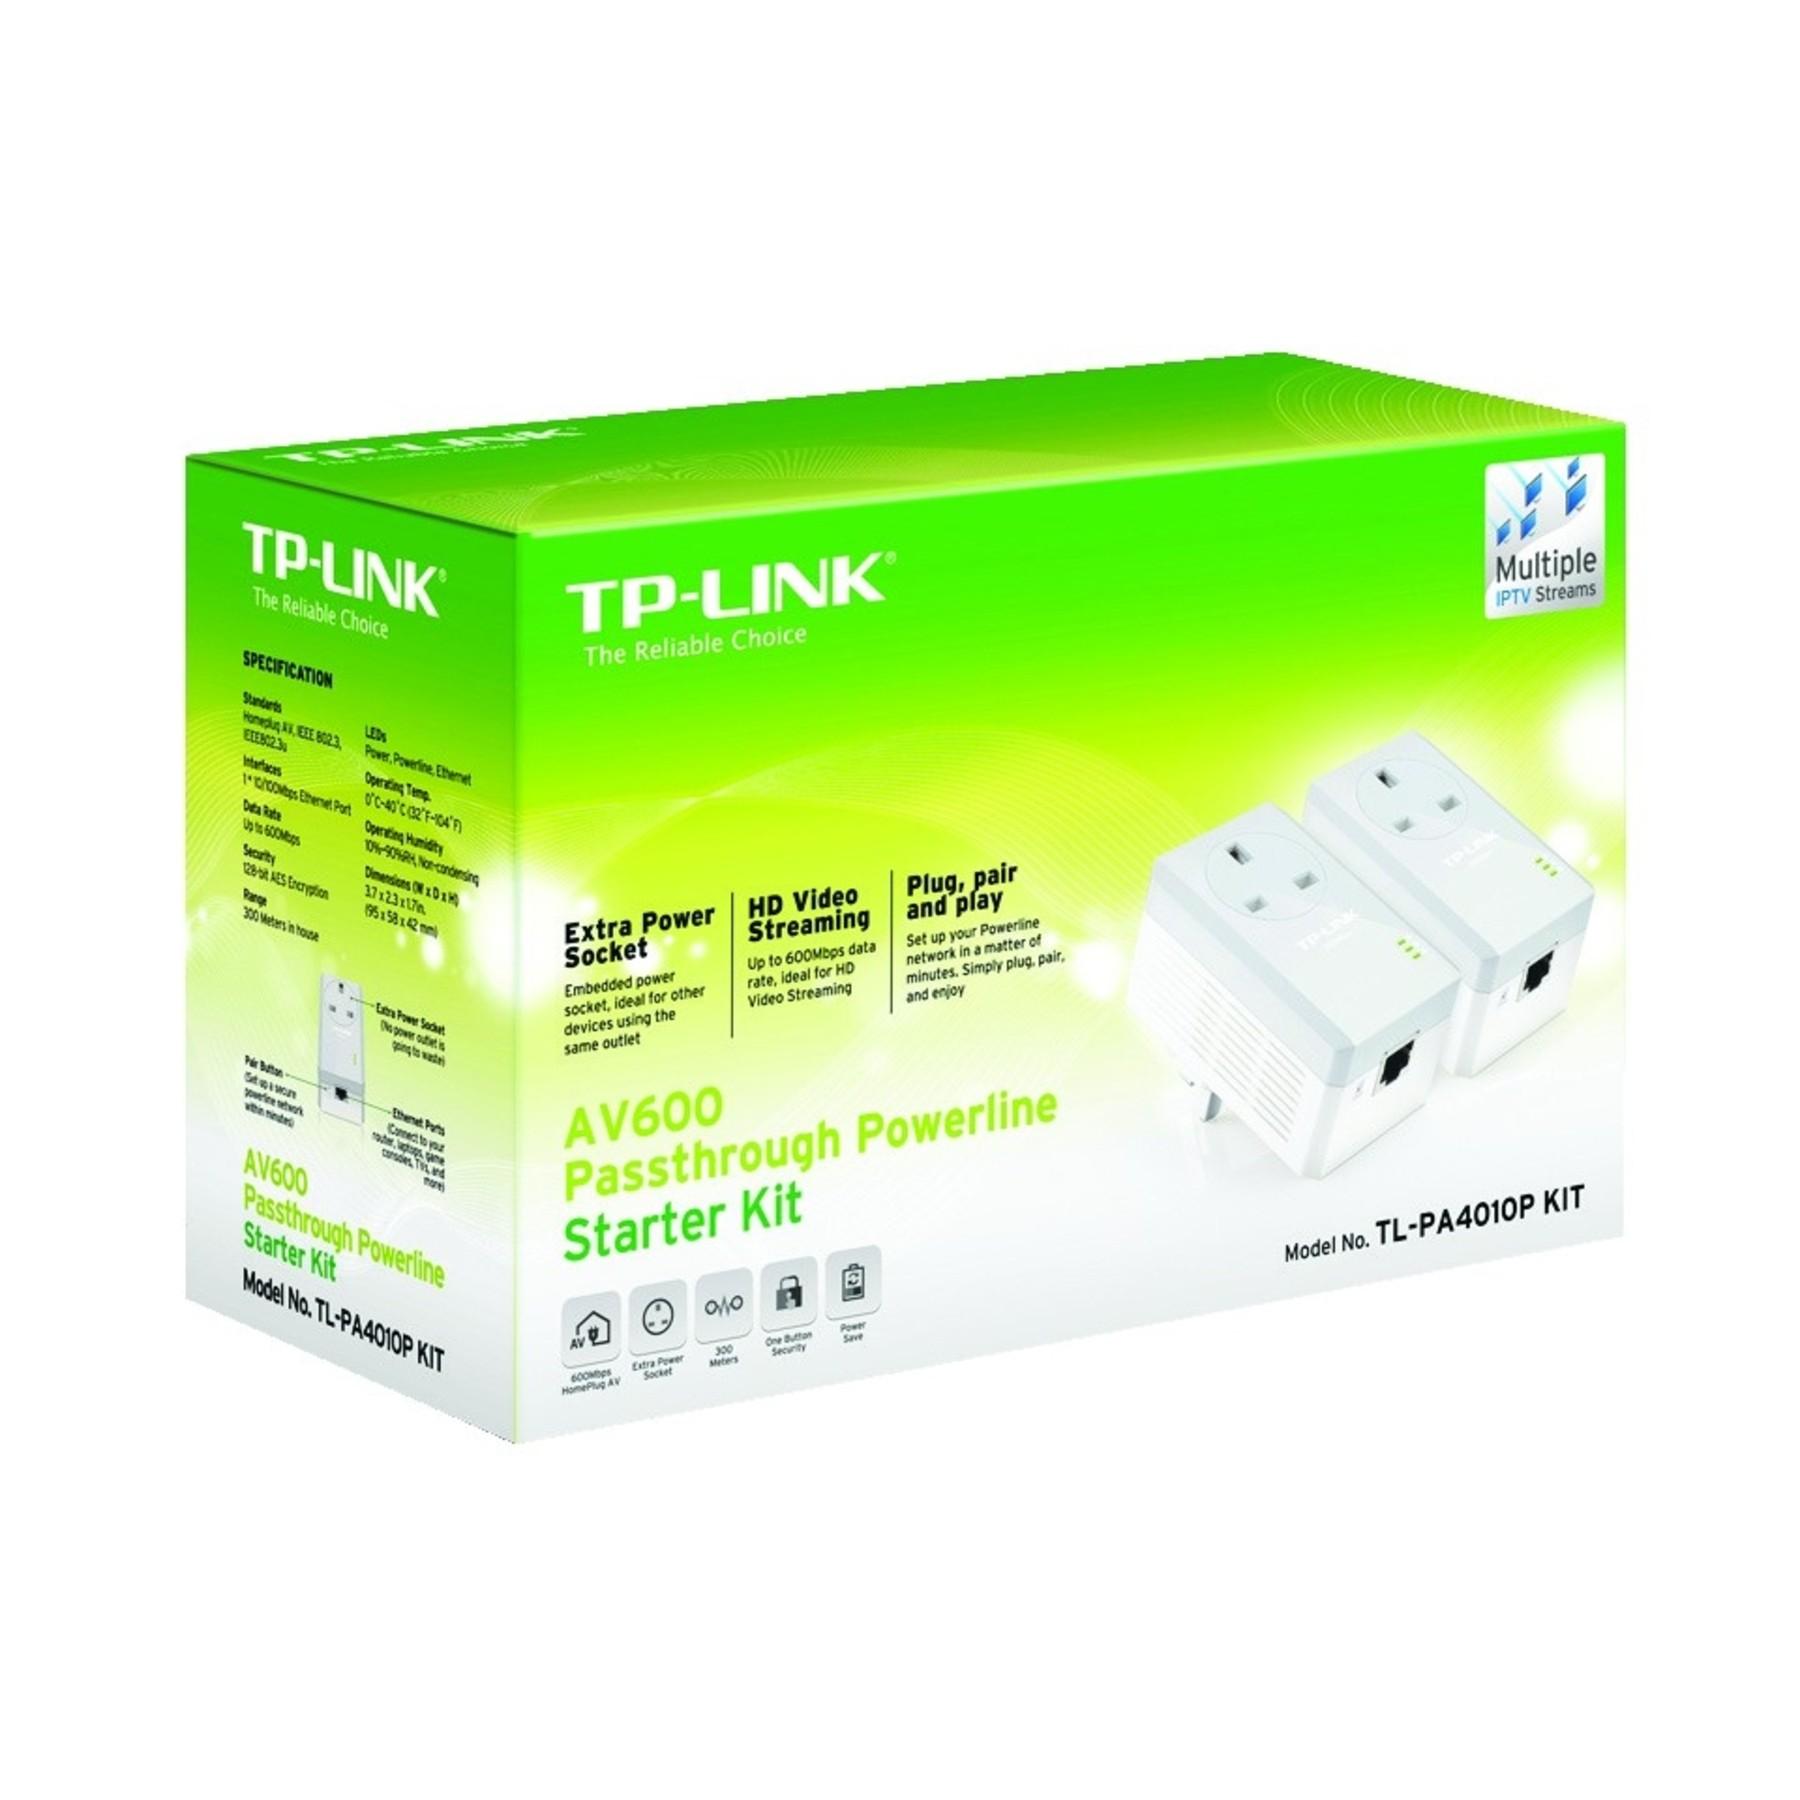 tp link 4010pkit av600 passthrough powerline starter kit 600mbps transfer rate ebay. Black Bedroom Furniture Sets. Home Design Ideas